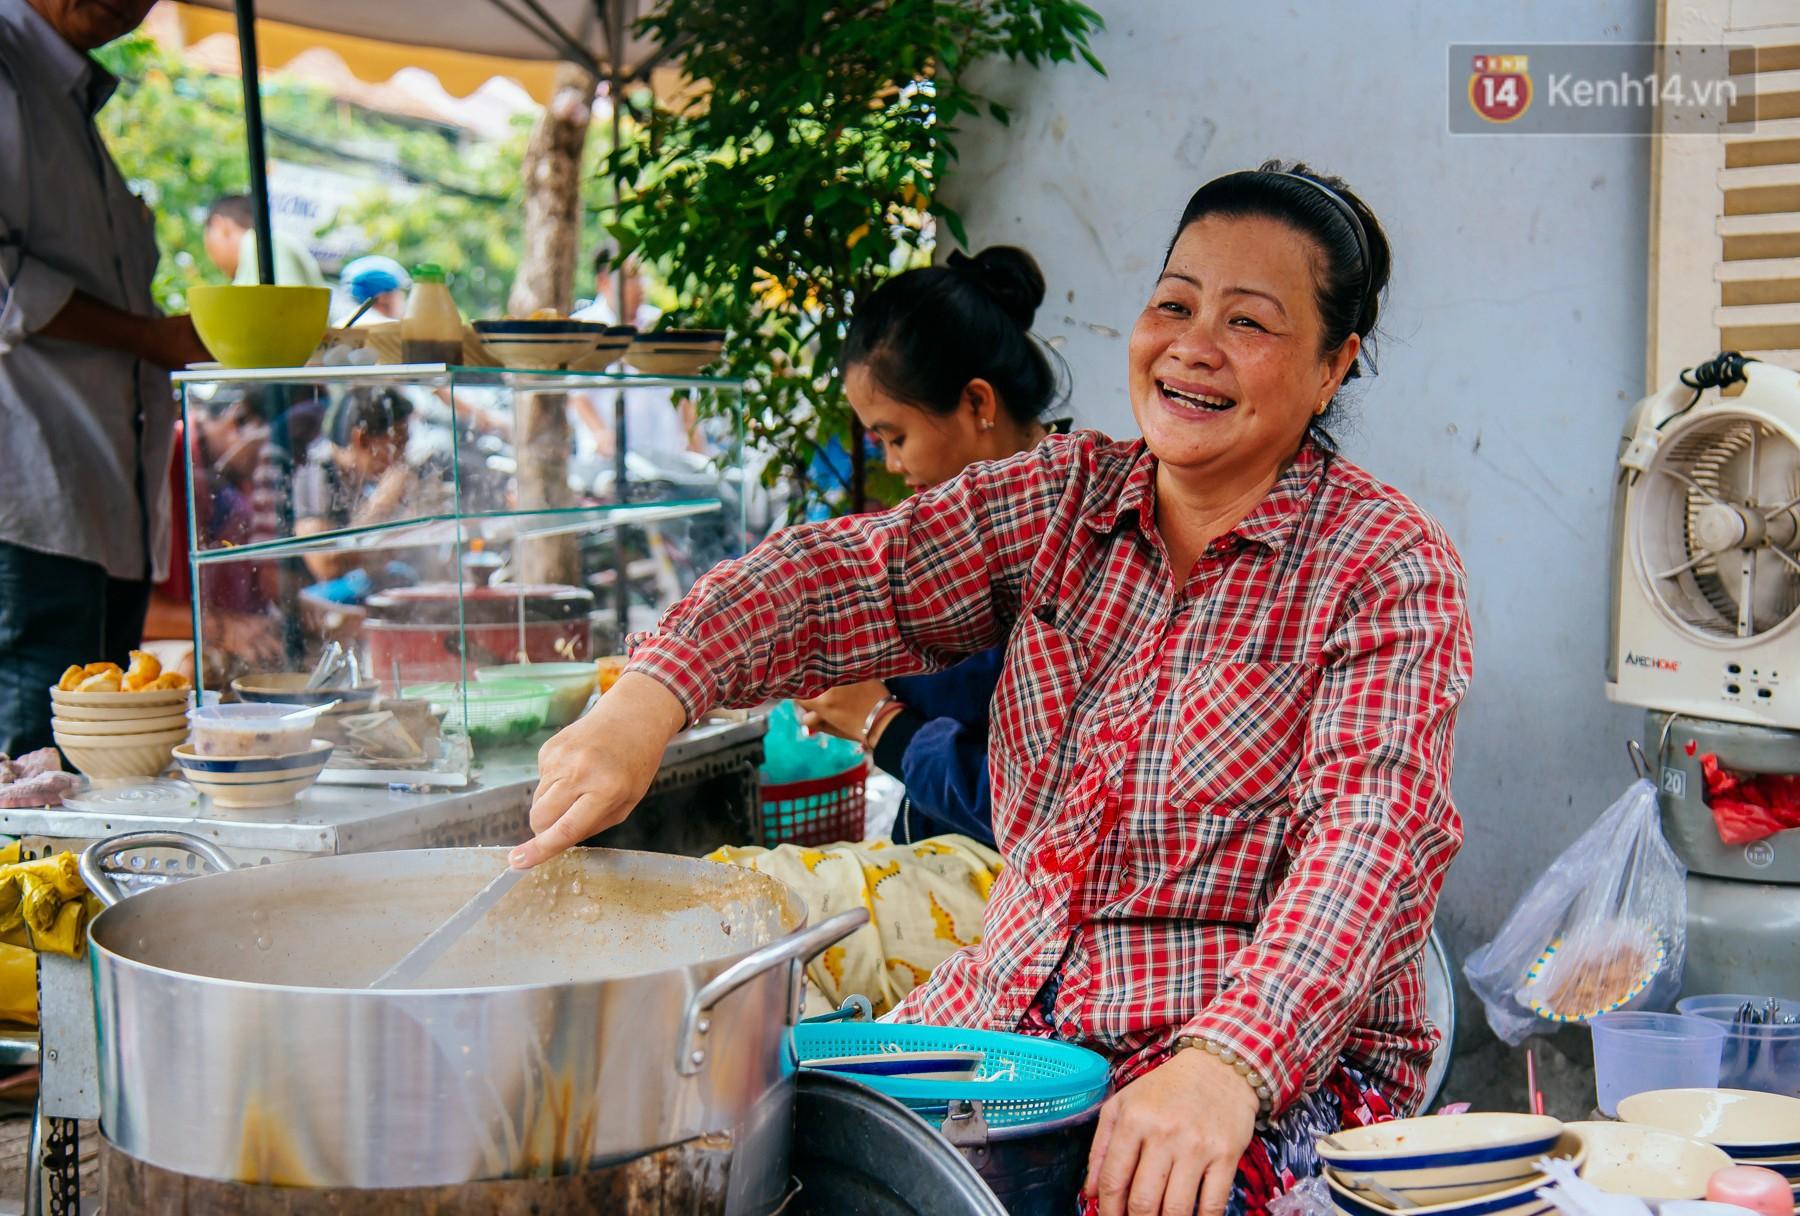 Quán cháo hào sảng giá 5.000 đồng/ tô của cô Tư Sài Gòn: Nhà Tư không nợ nần gì, bán vầy là sống thoải mái rồi! - Ảnh 6.